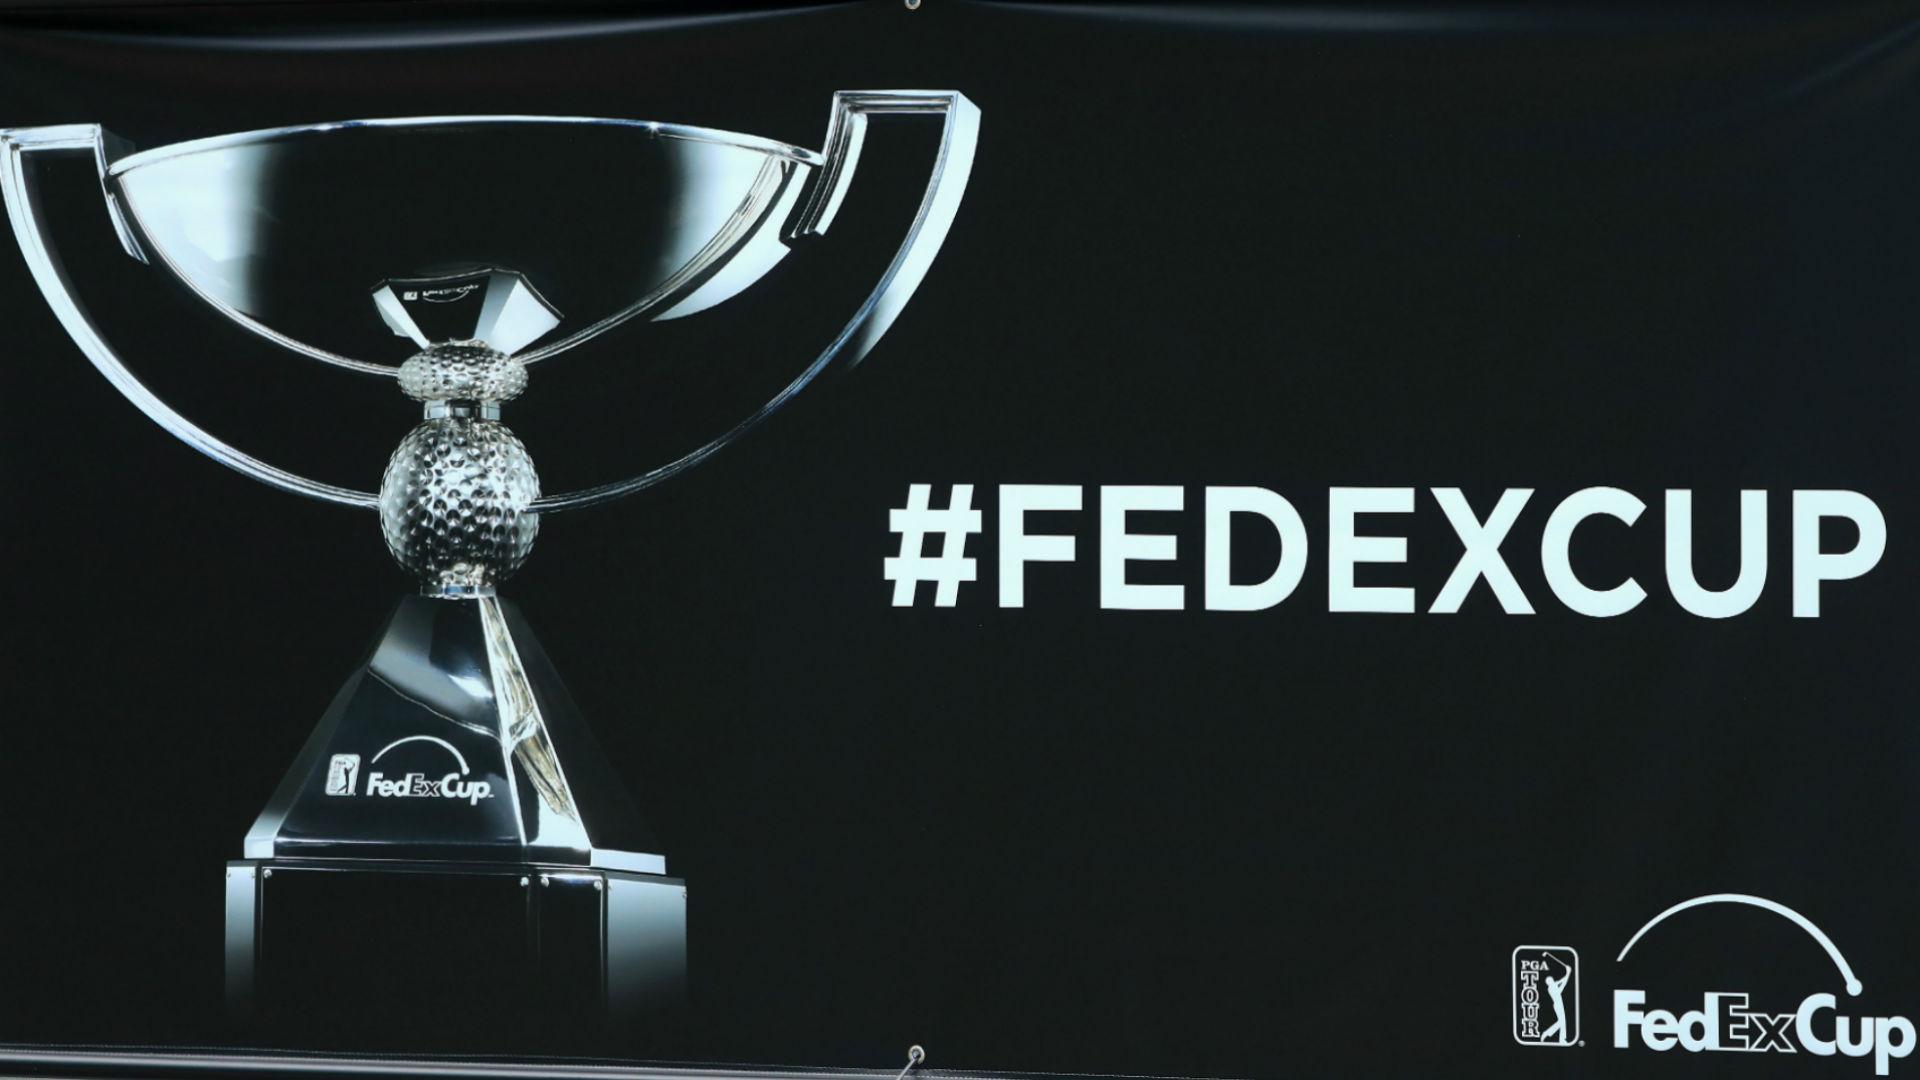 FedExCup-Playoffs-FTR-0831-GI.jpg